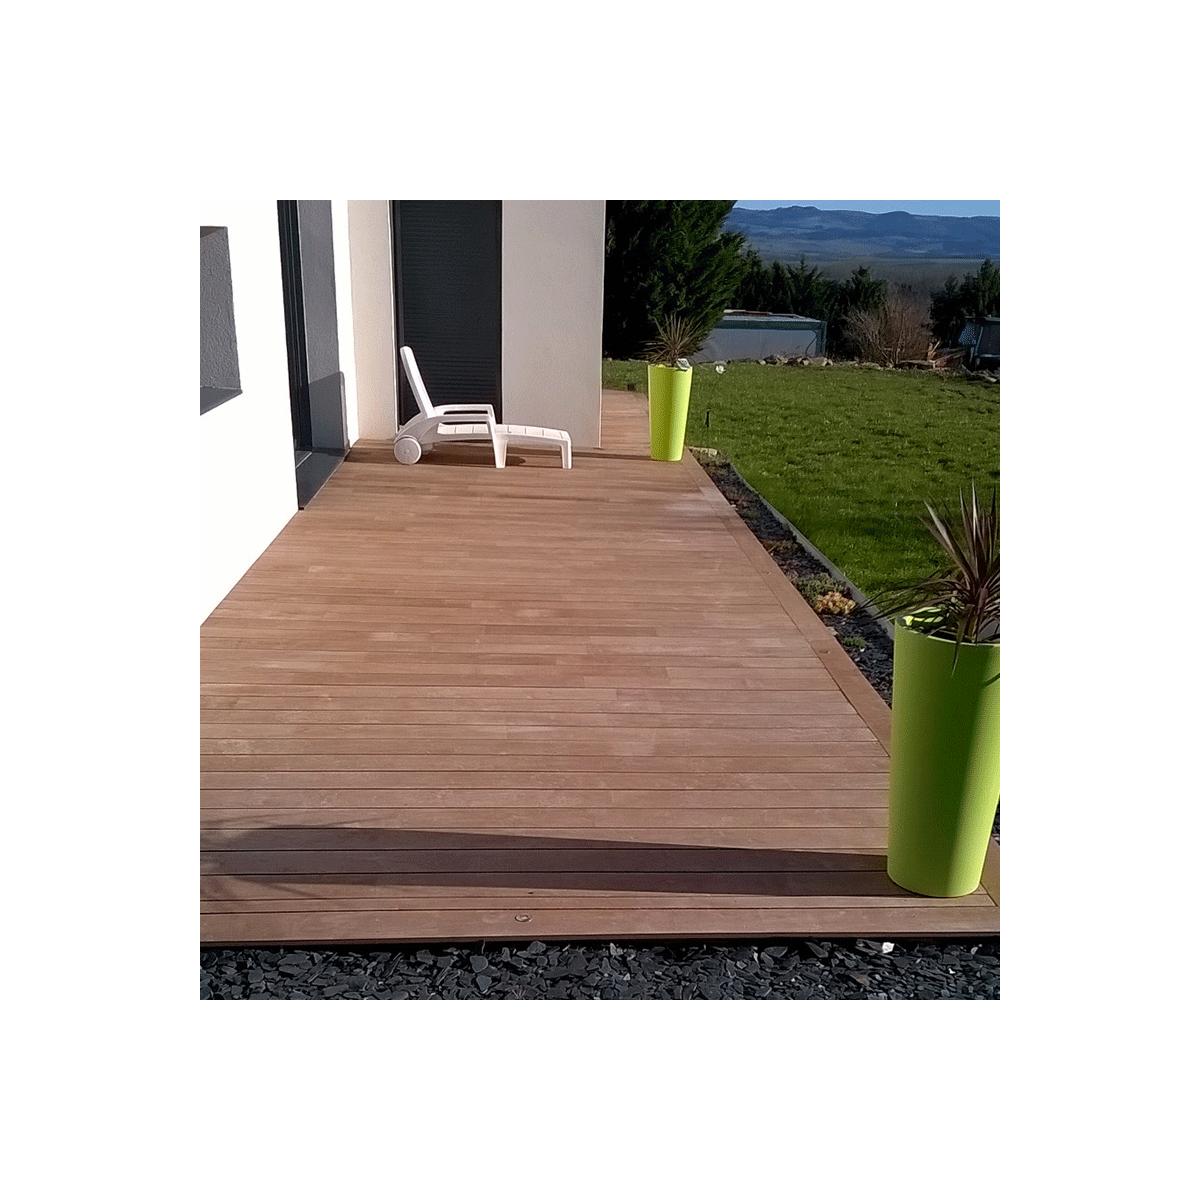 Lames de terrasse en bois hevea - Lames de terrasse en bois ...